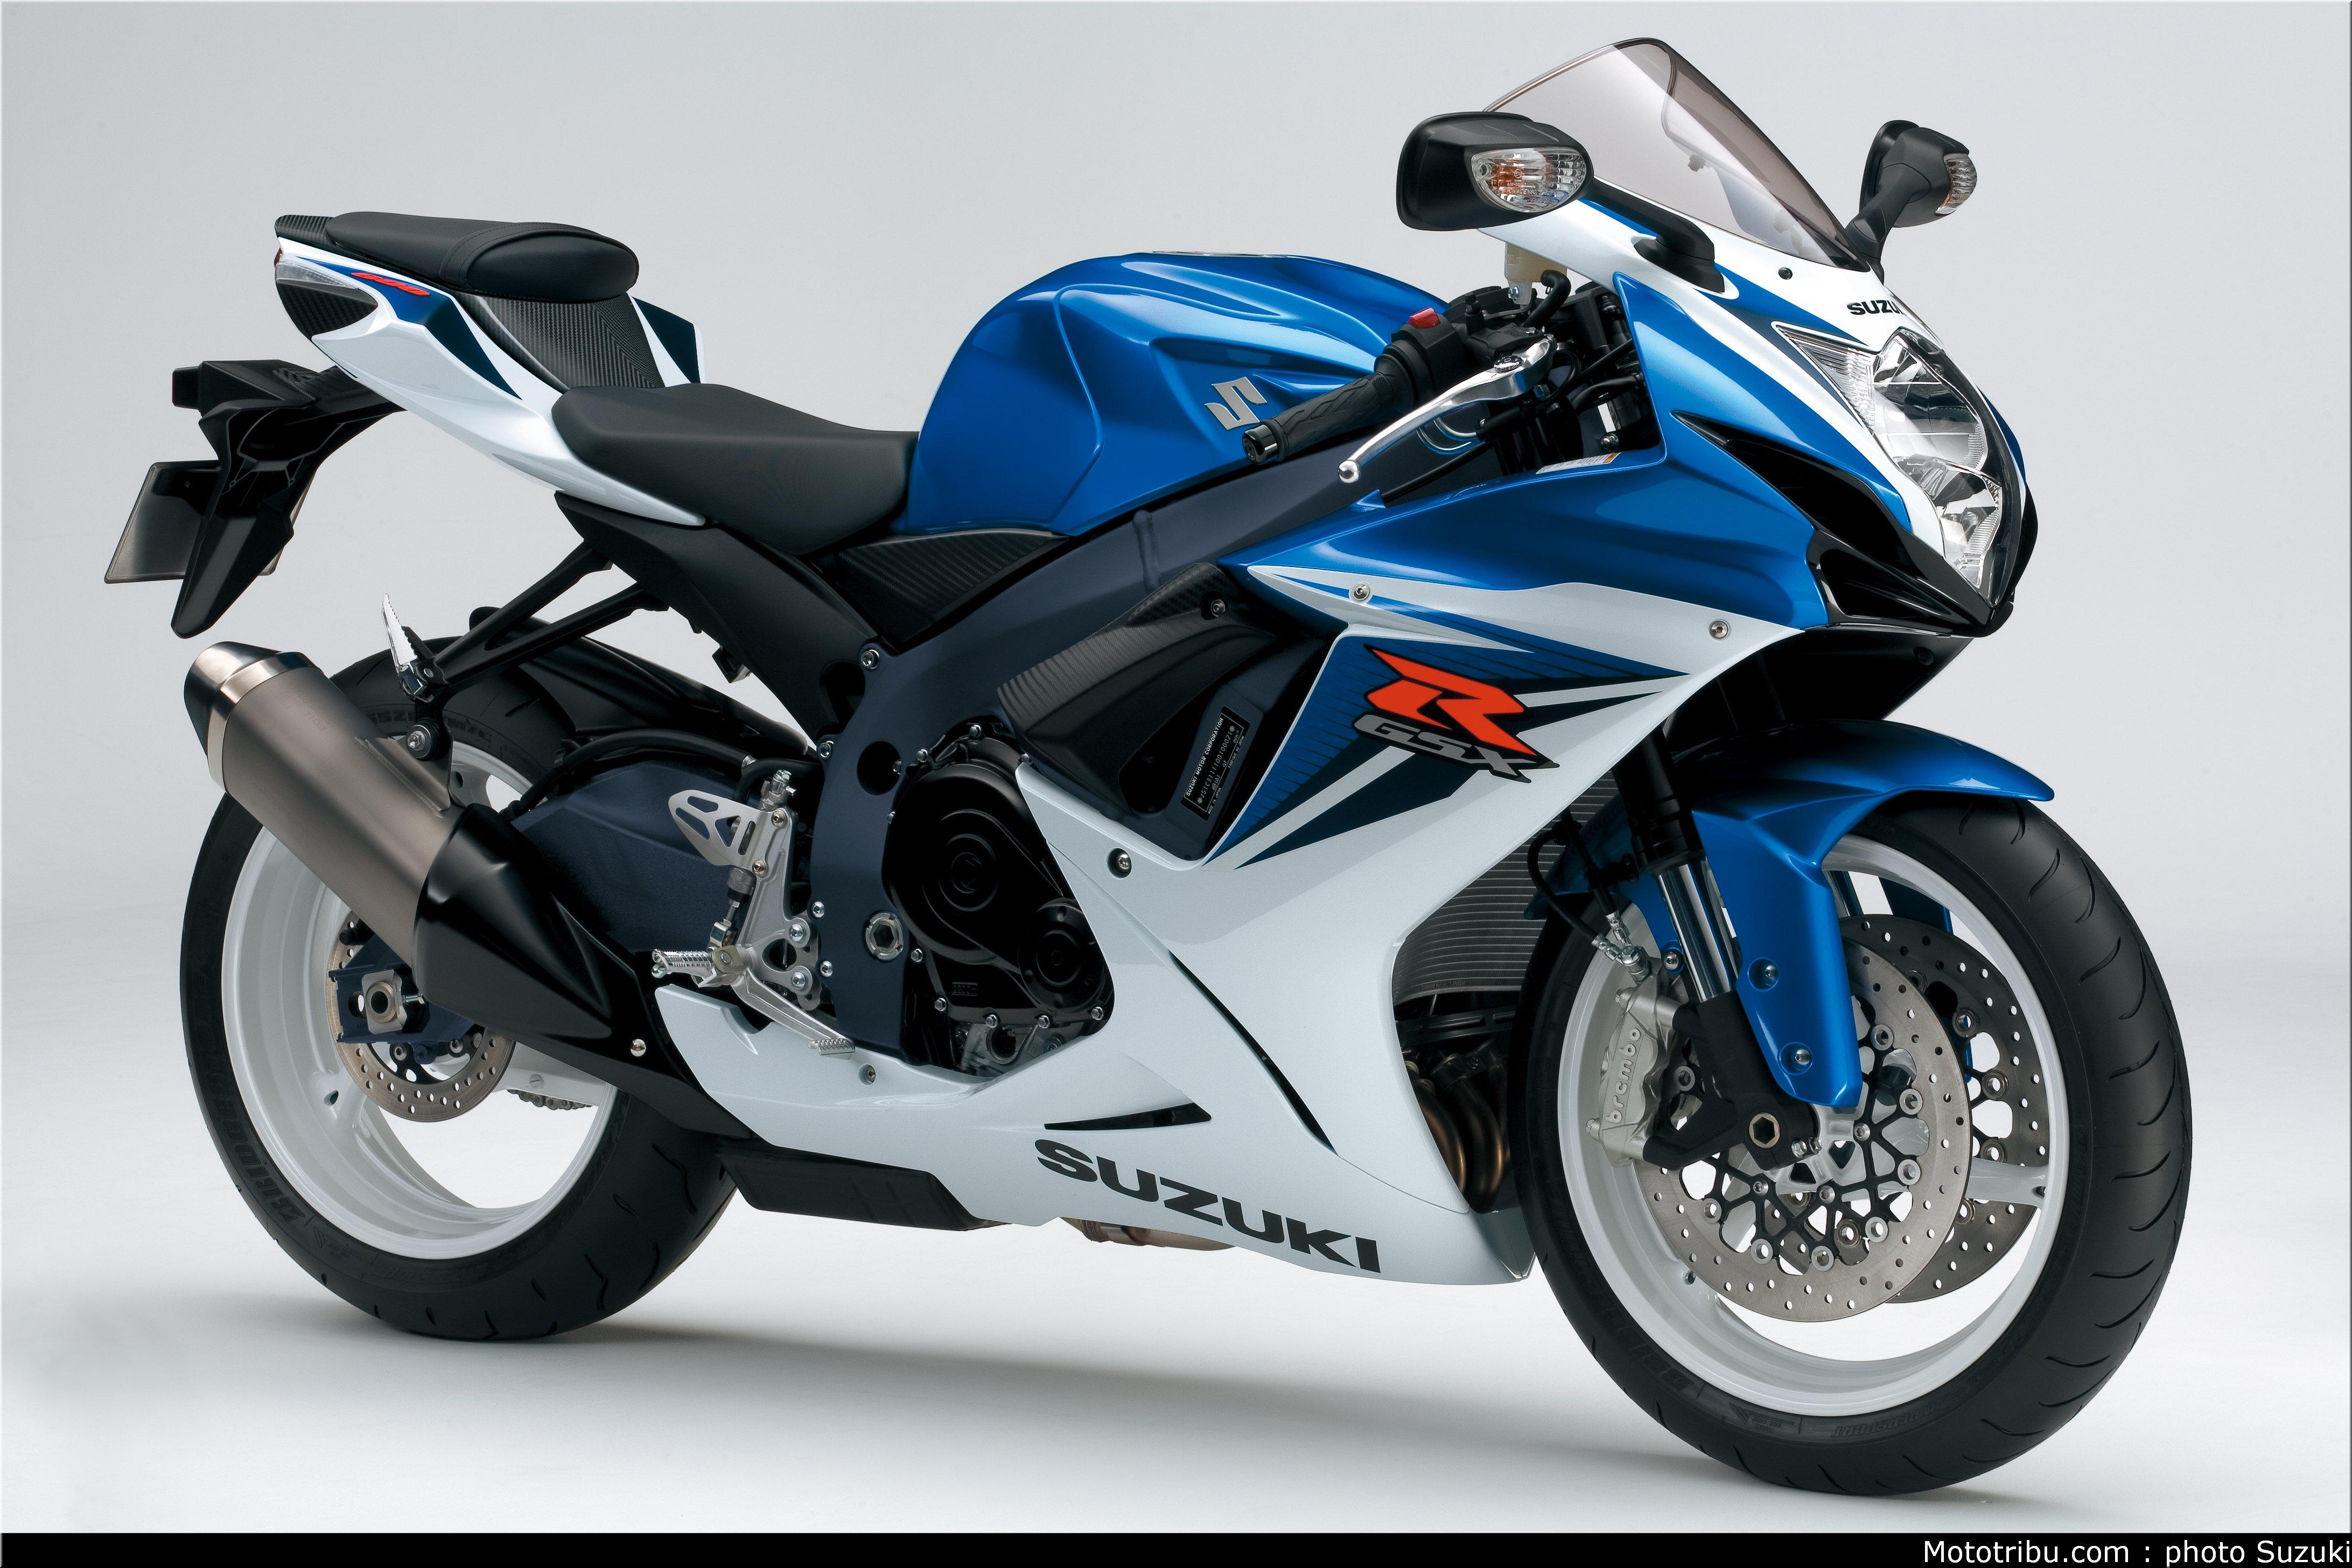 Suzuki Gsxr 600 K8K9 Suzuki Gsxr 600 2011 750 Wallpaper Suzuki Gsxr 4368x2912